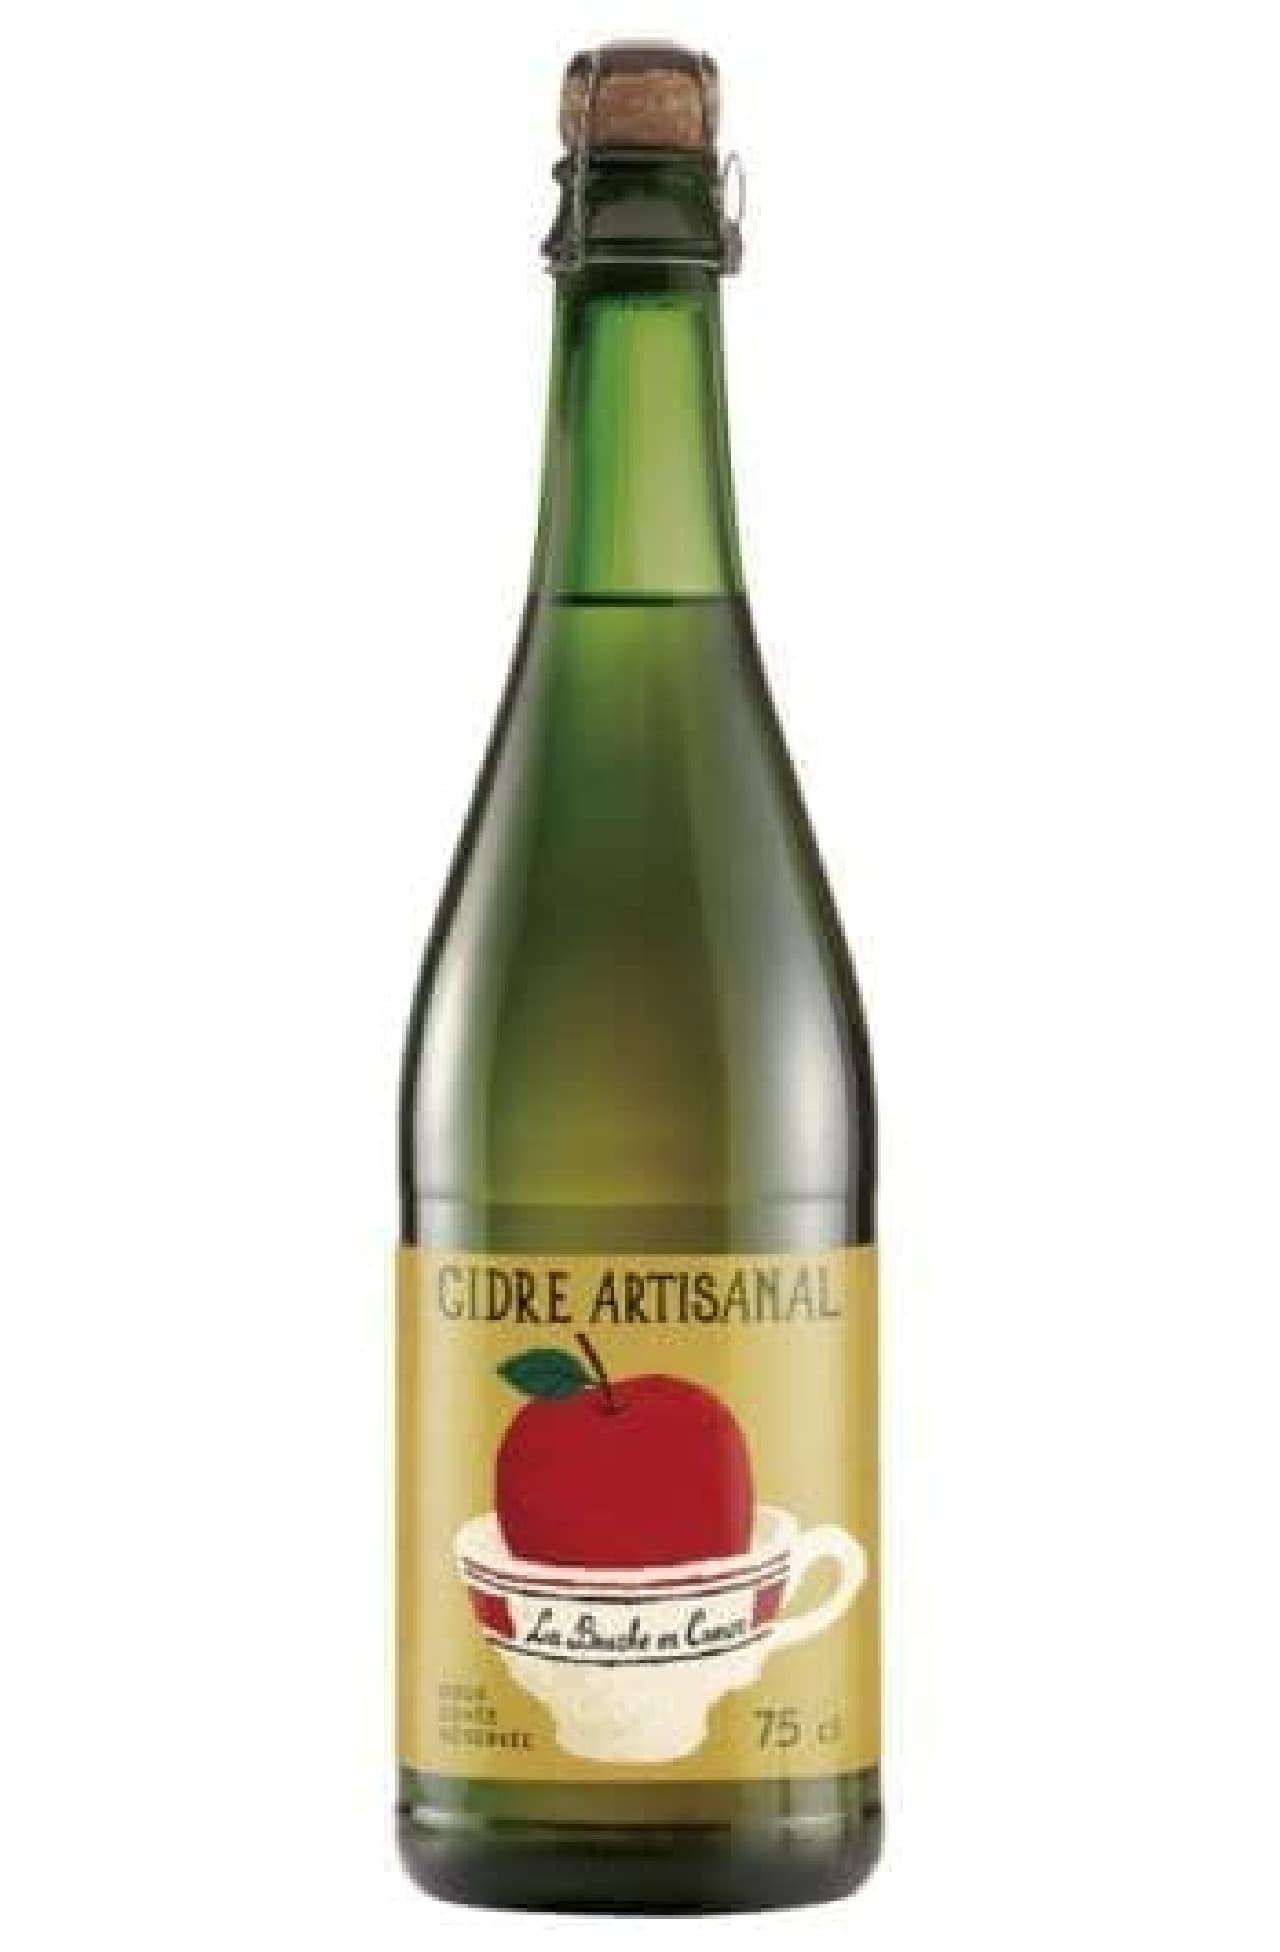 ヴァル・ド・ランス シードル アルティザン ドゥーは、厳選された3種類のリンゴのみが使用されたシードル